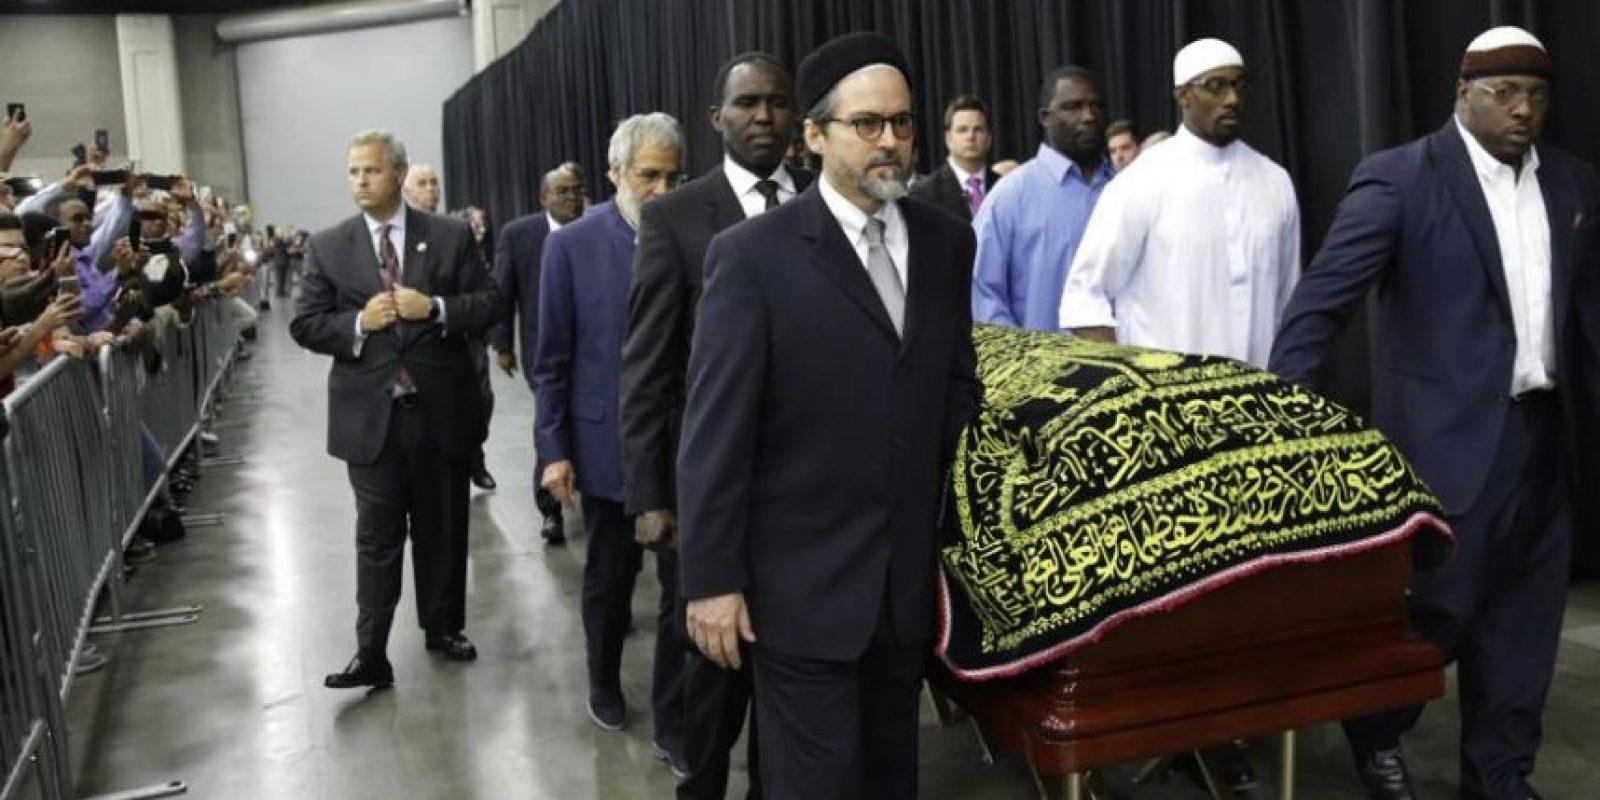 Las mejores imágenes de la despedida de Muhammad Ali Foto:AP